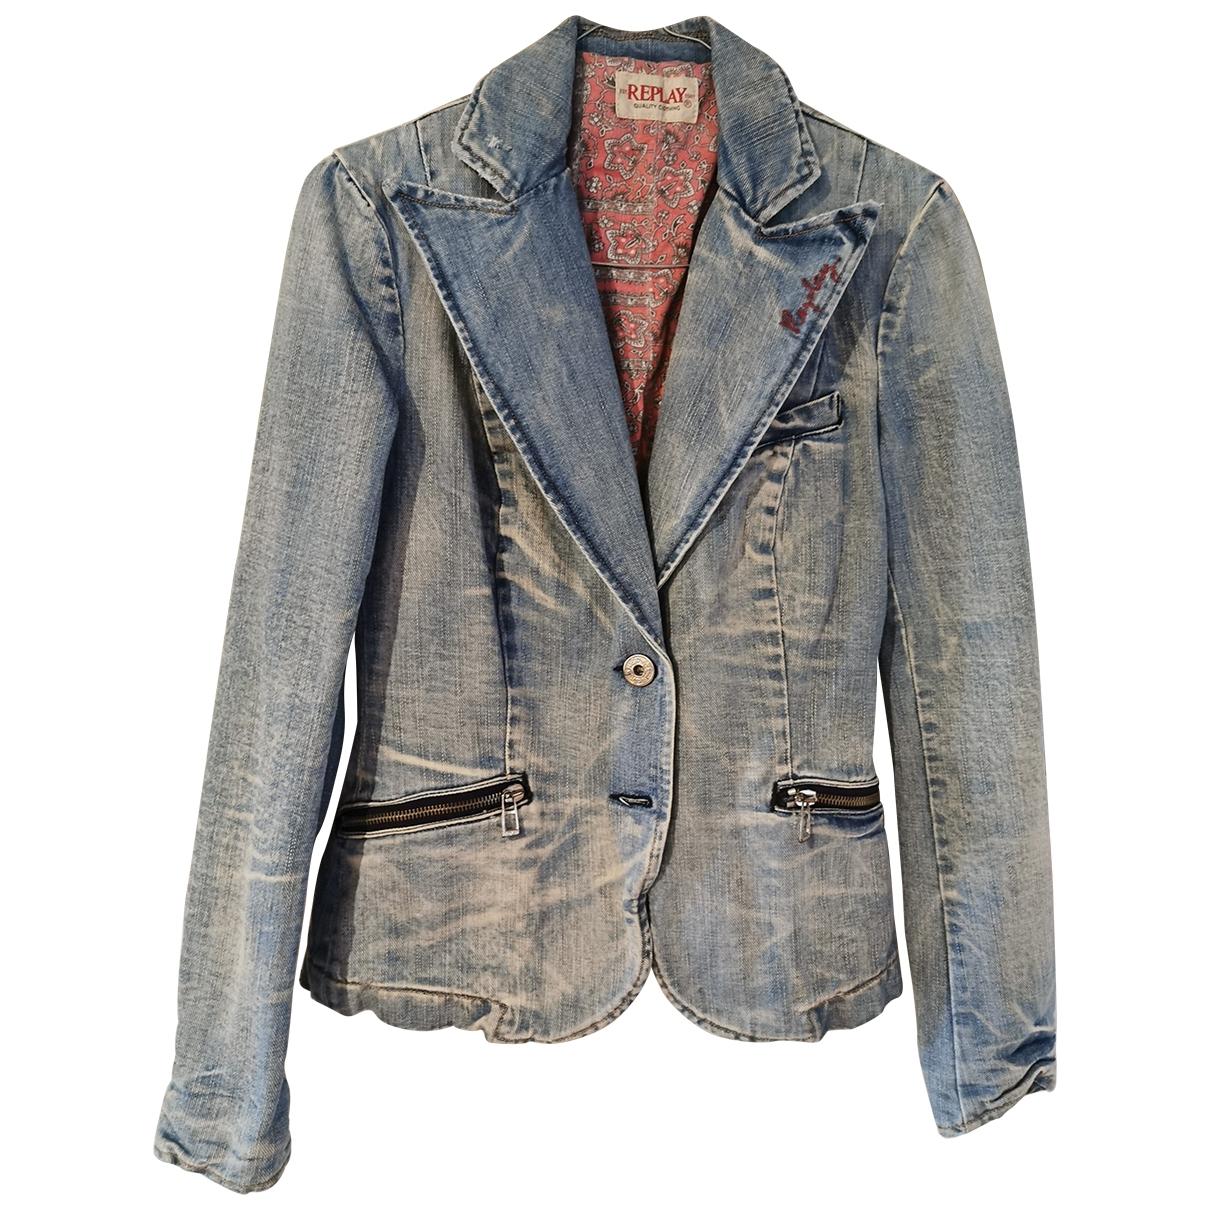 Replay \N Jacke in  Blau Denim - Jeans